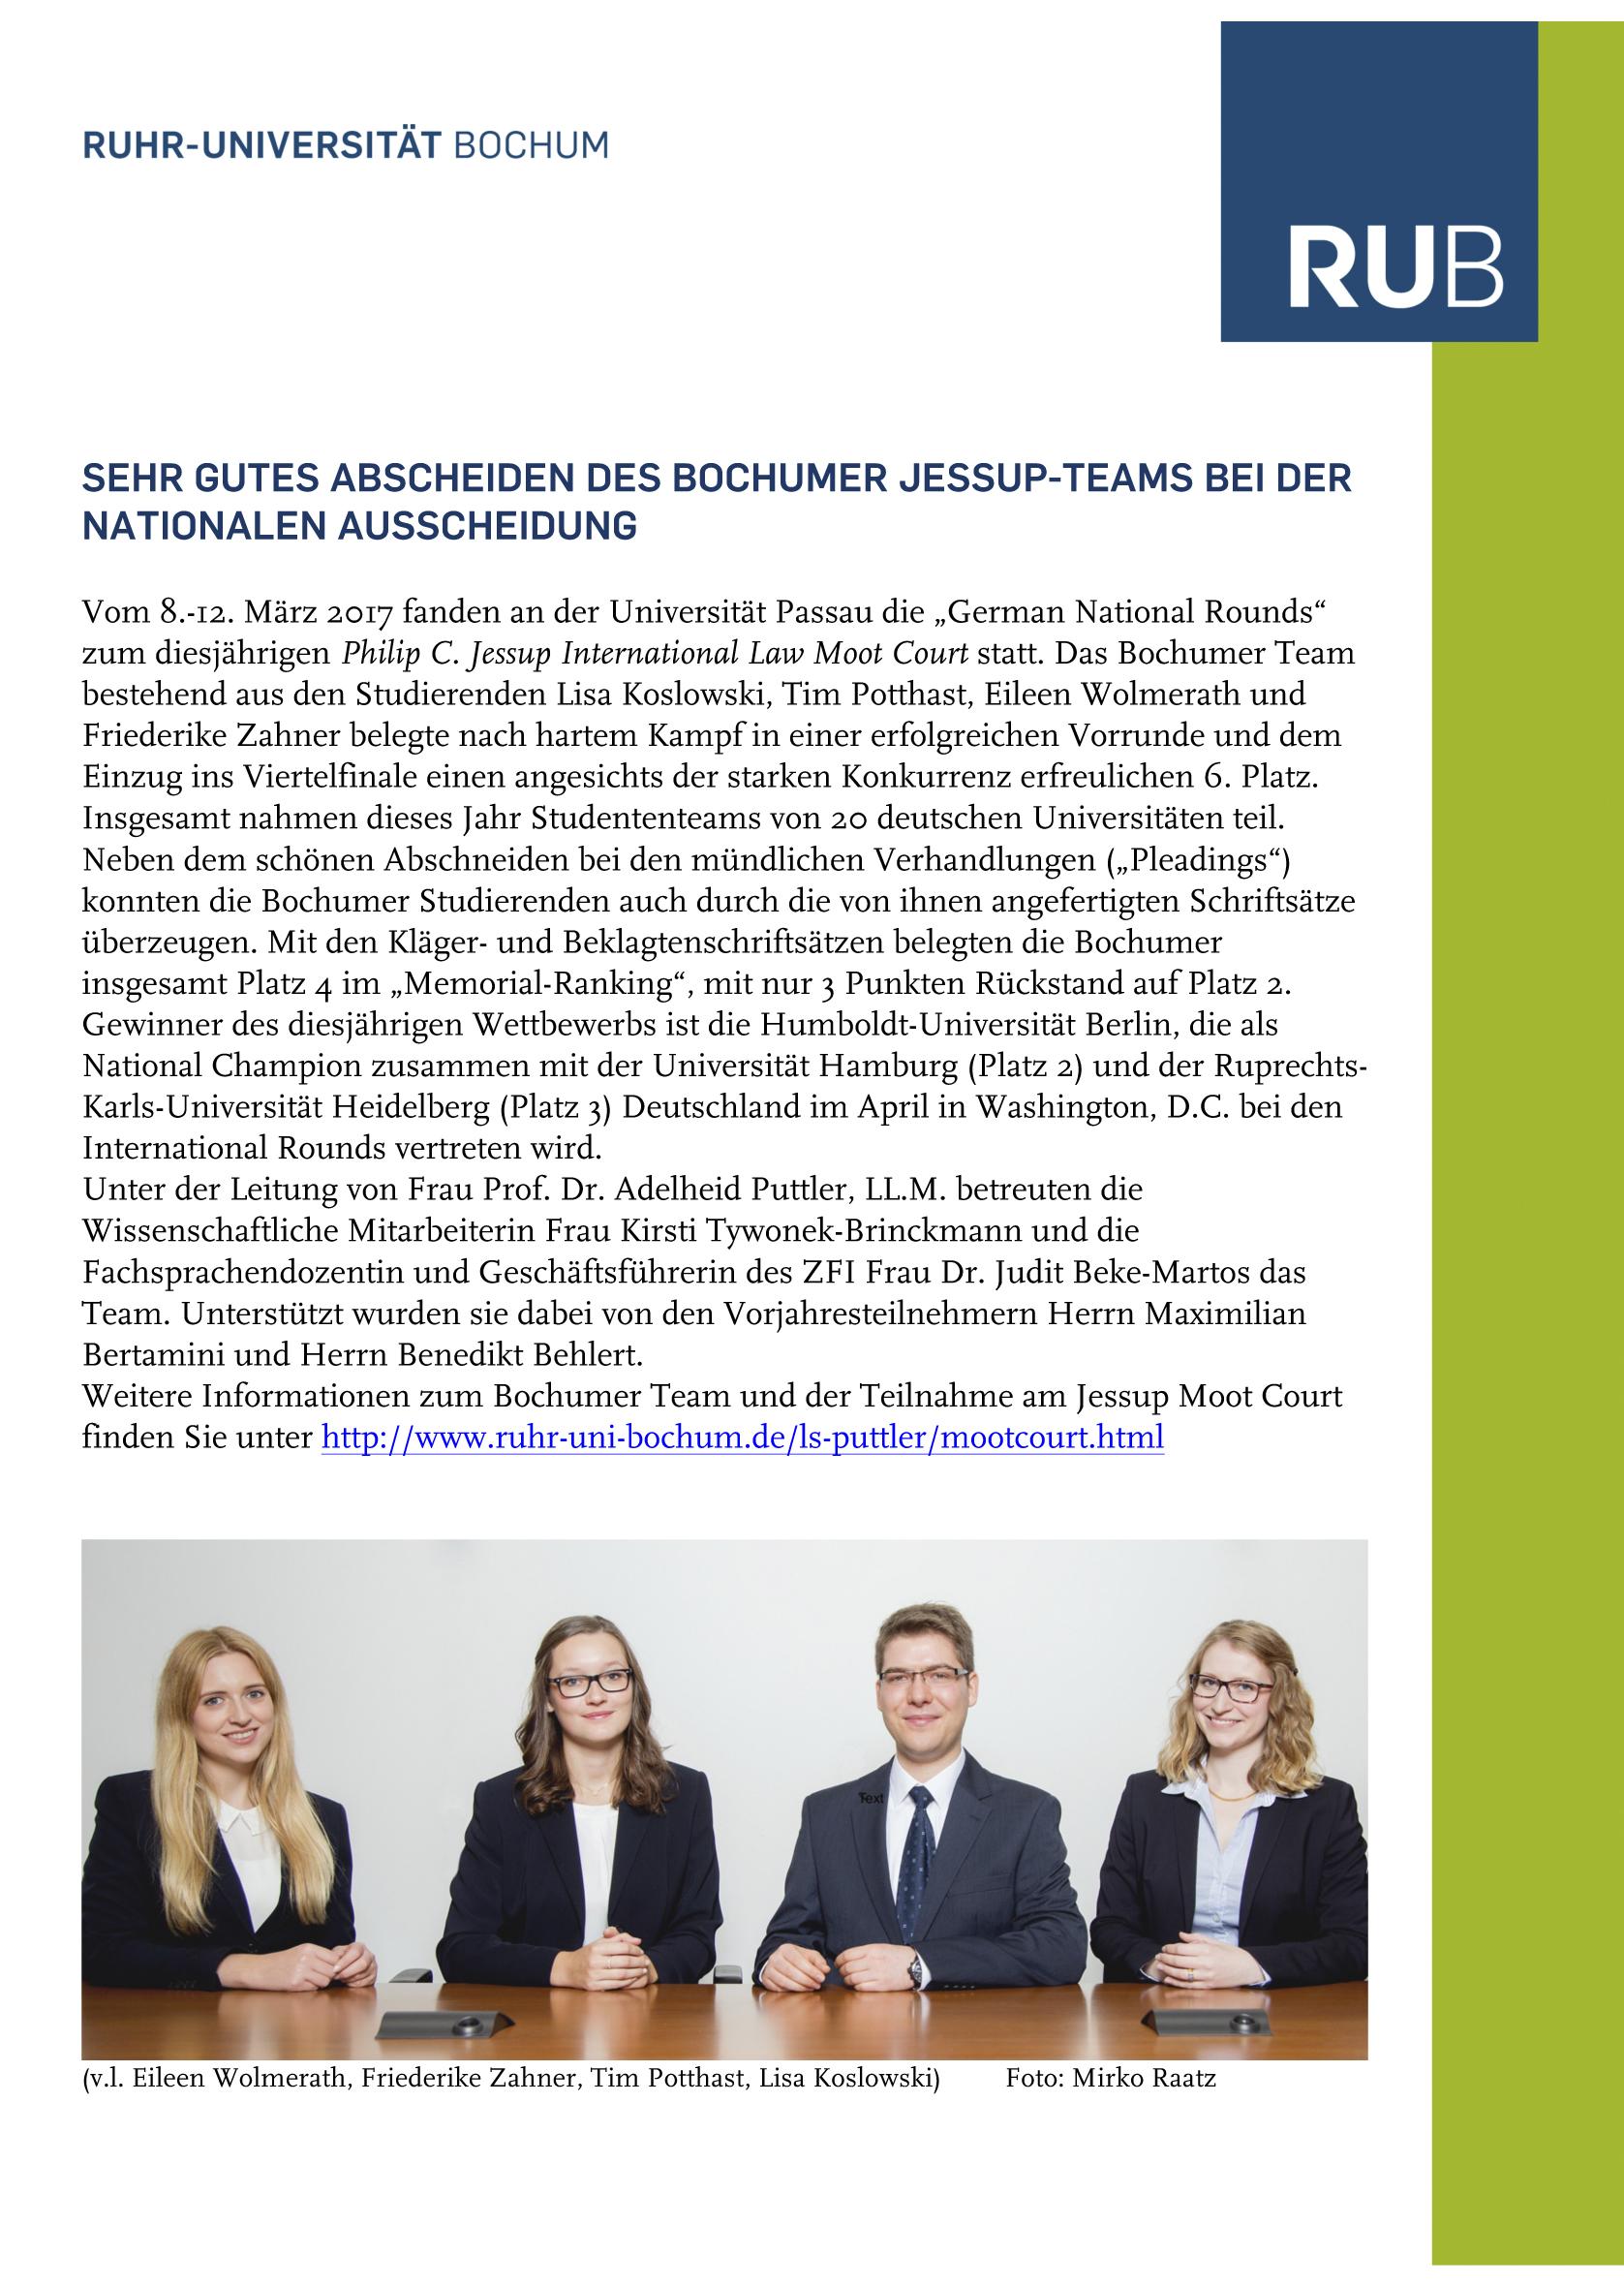 Prof. Dr. Adelheid Puttler, LL.M. Lehrstuhl für Öffentliches Recht